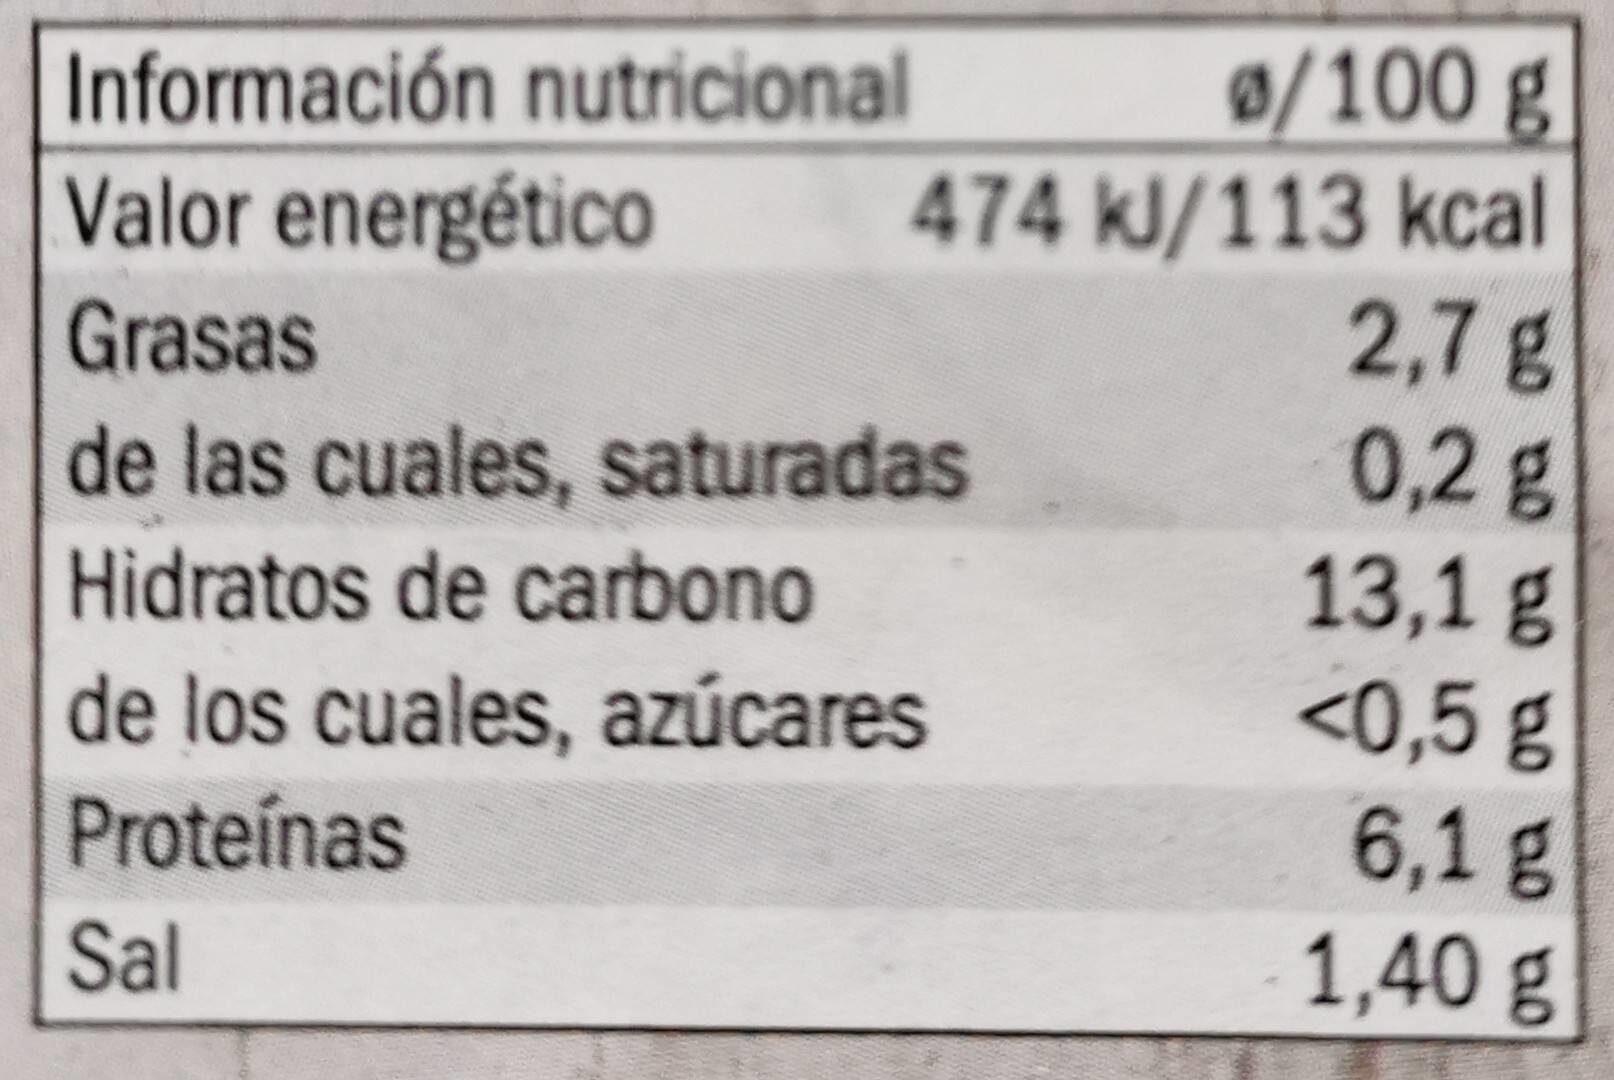 Garbanzos con trufa - Información nutricional - es